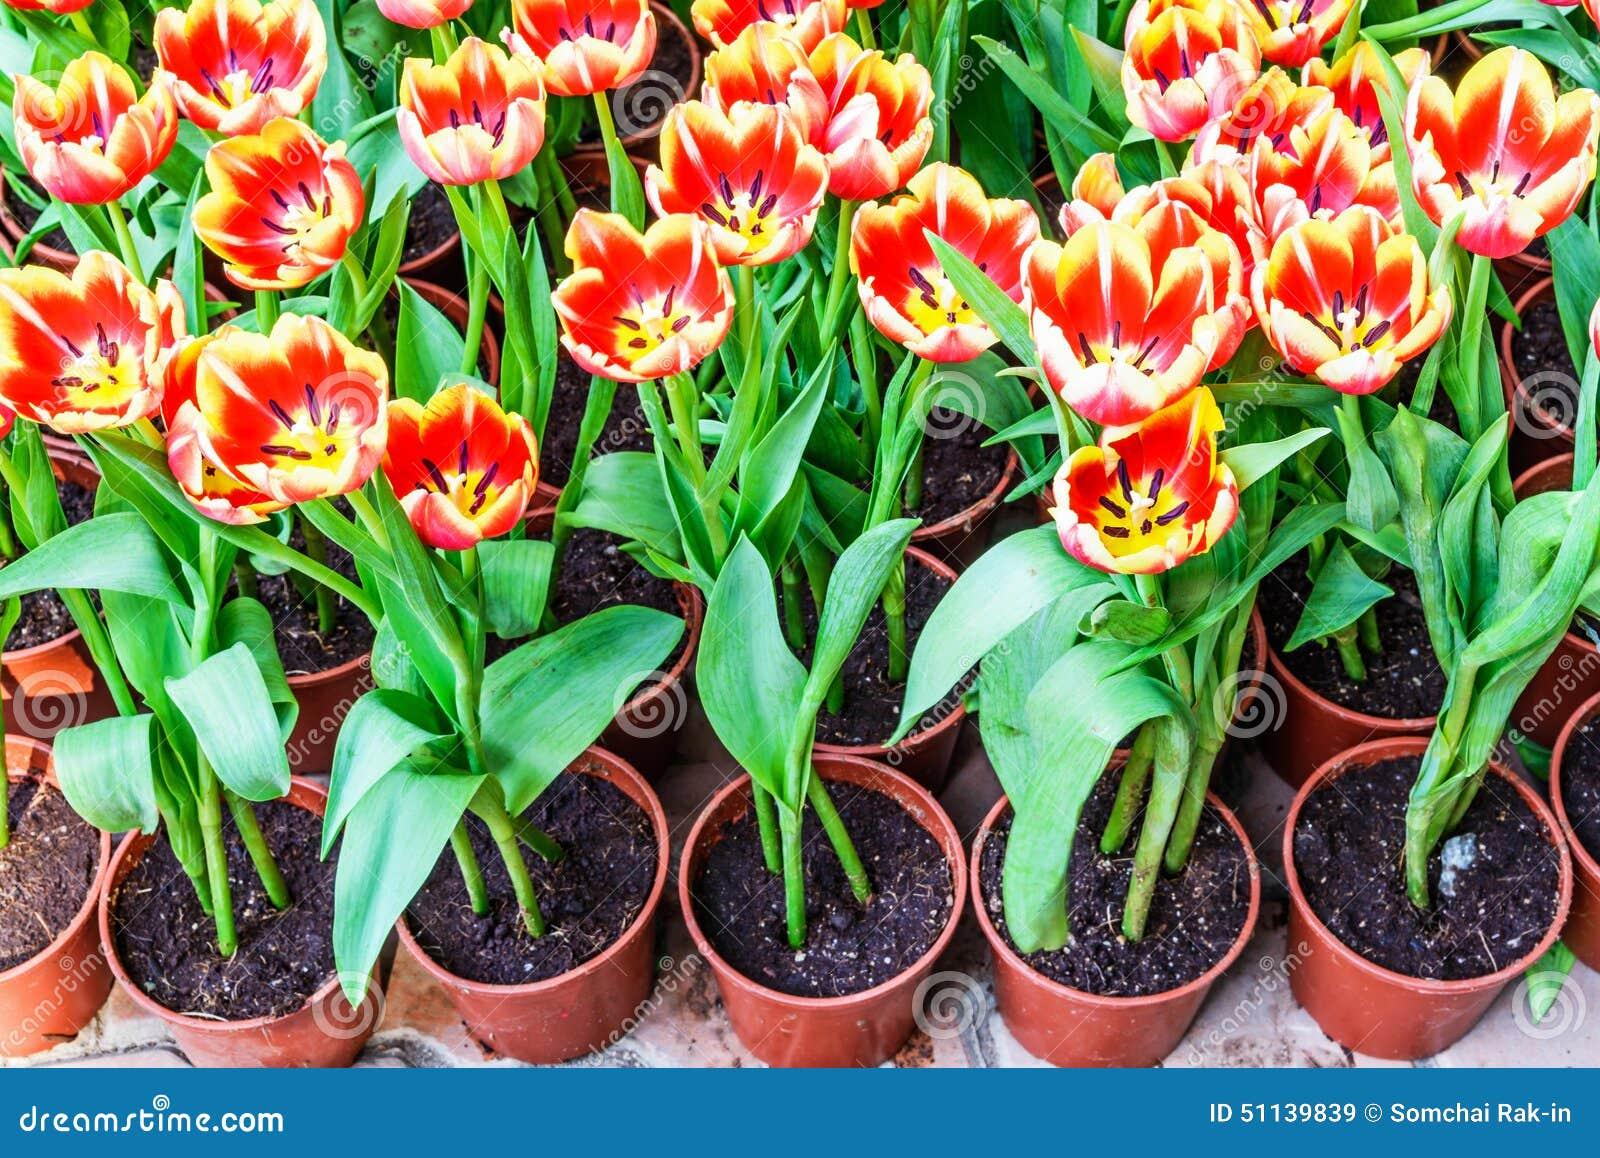 Tulipes Dans Des Pots Pour La Plantation Photo stock ...